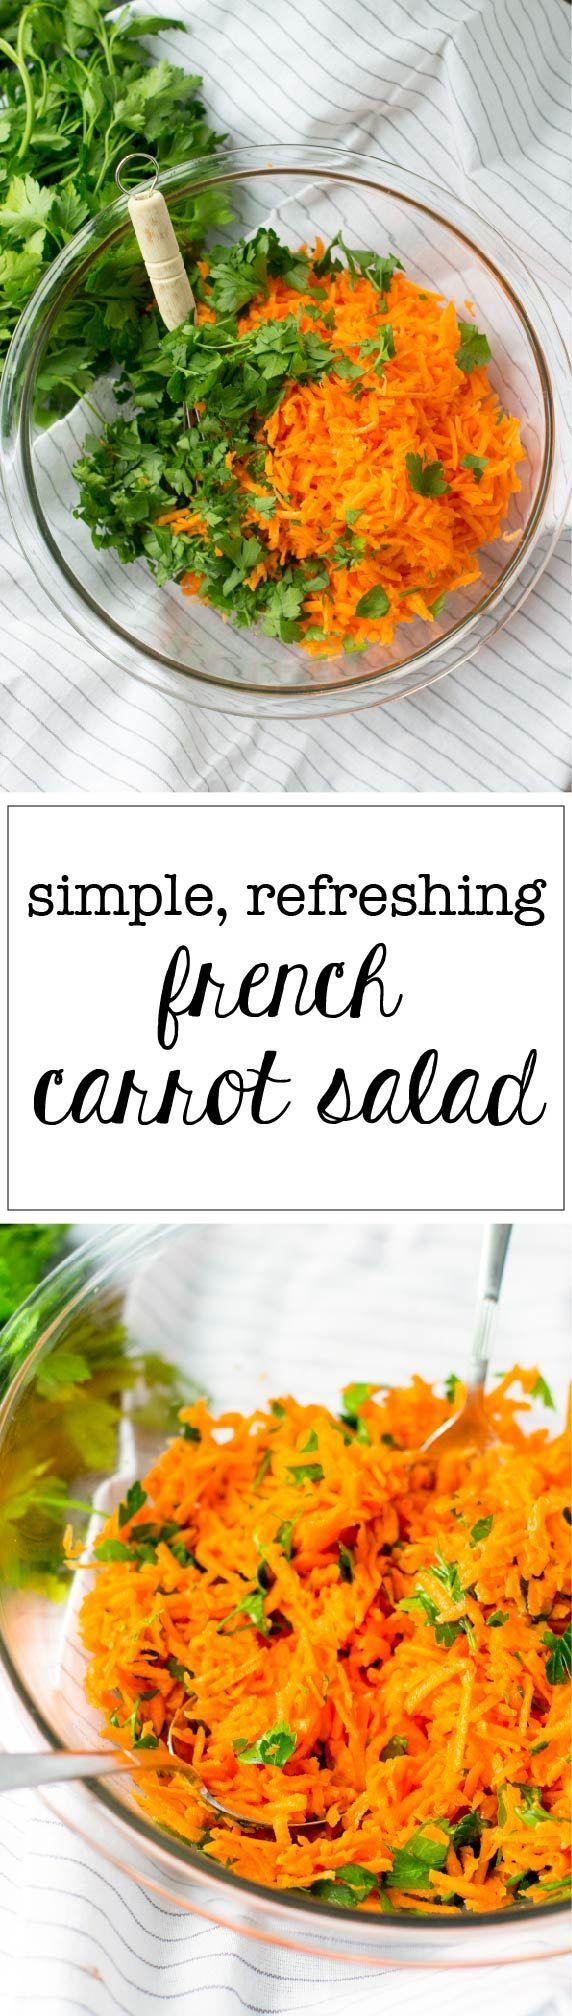 Einfacher französischer Karottensalat   - Nourish + Fete -